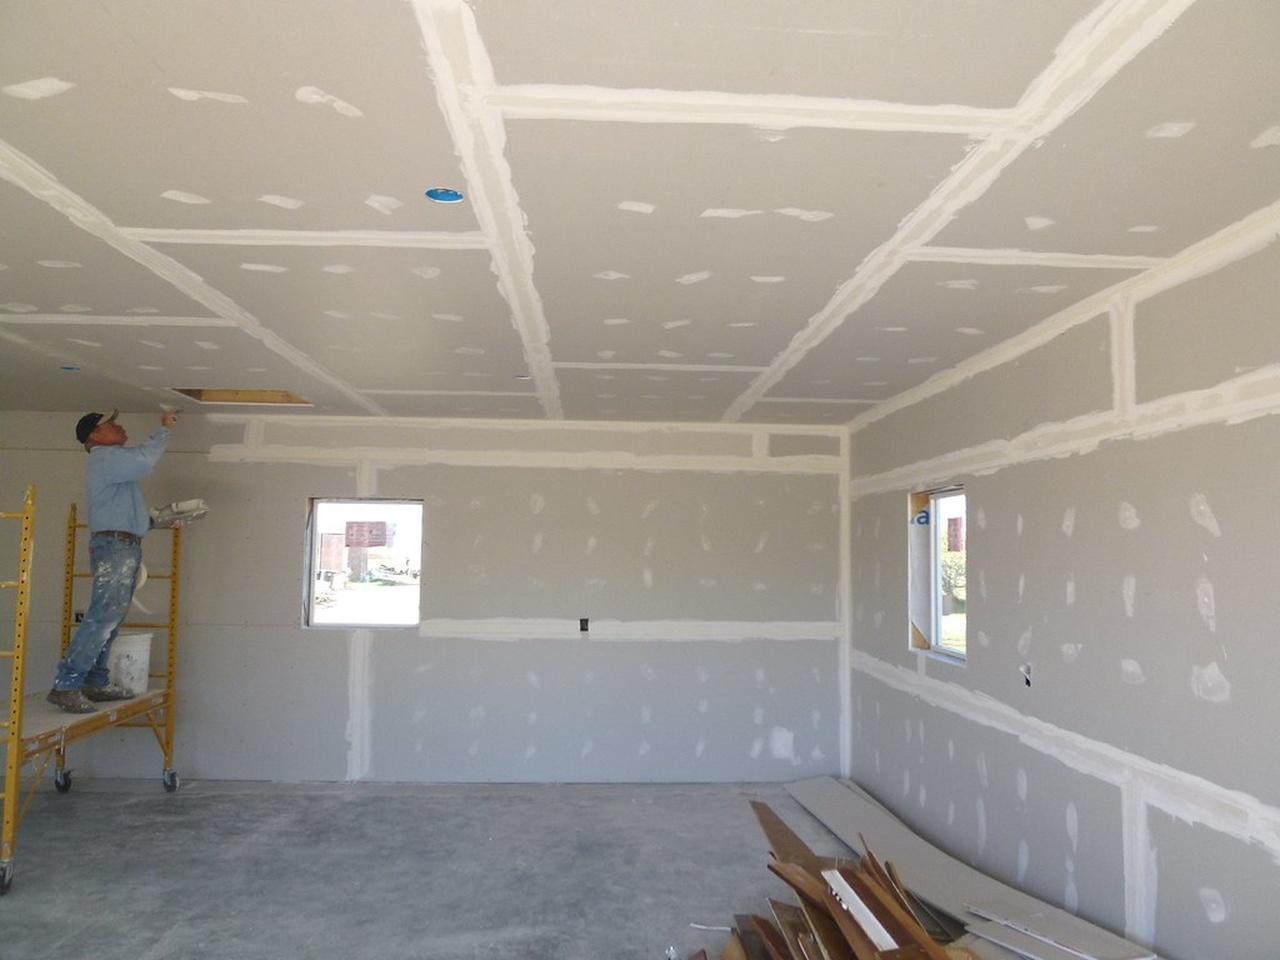 obra-instalação-de-drywall